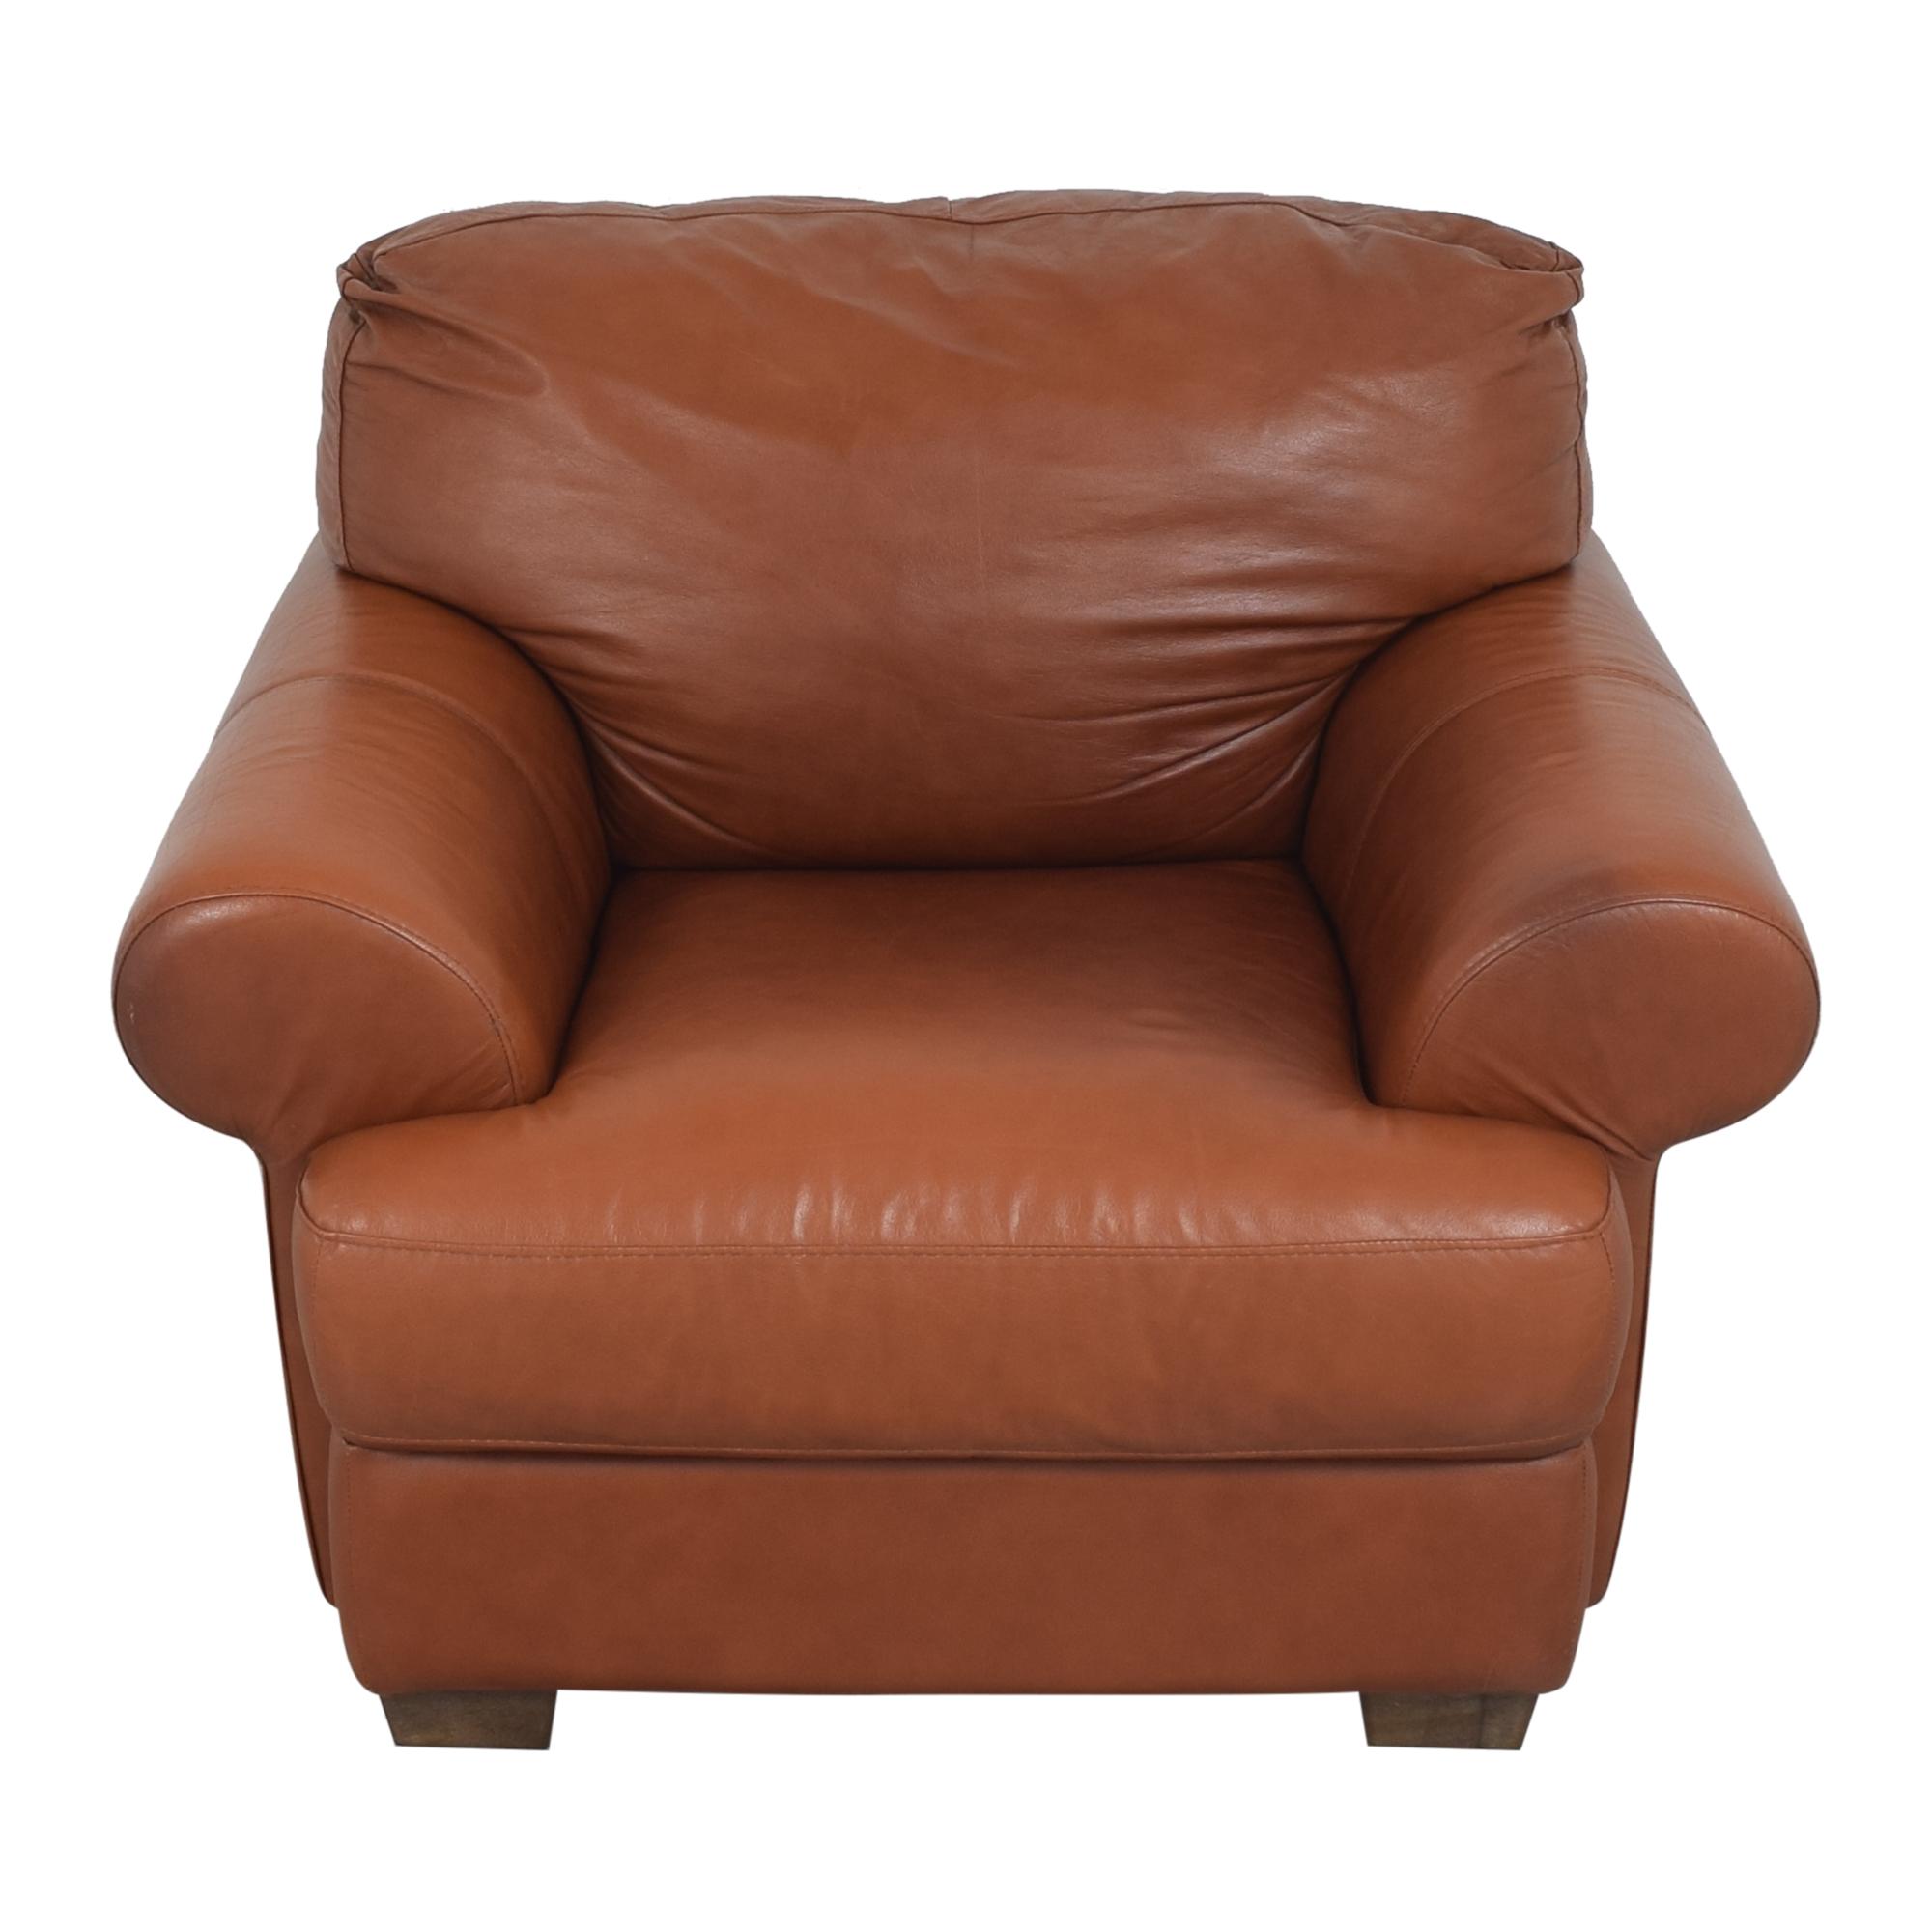 buy Chateau d'Ax Roll Arm Club Chair Chateau d'Ax Classic Sofas